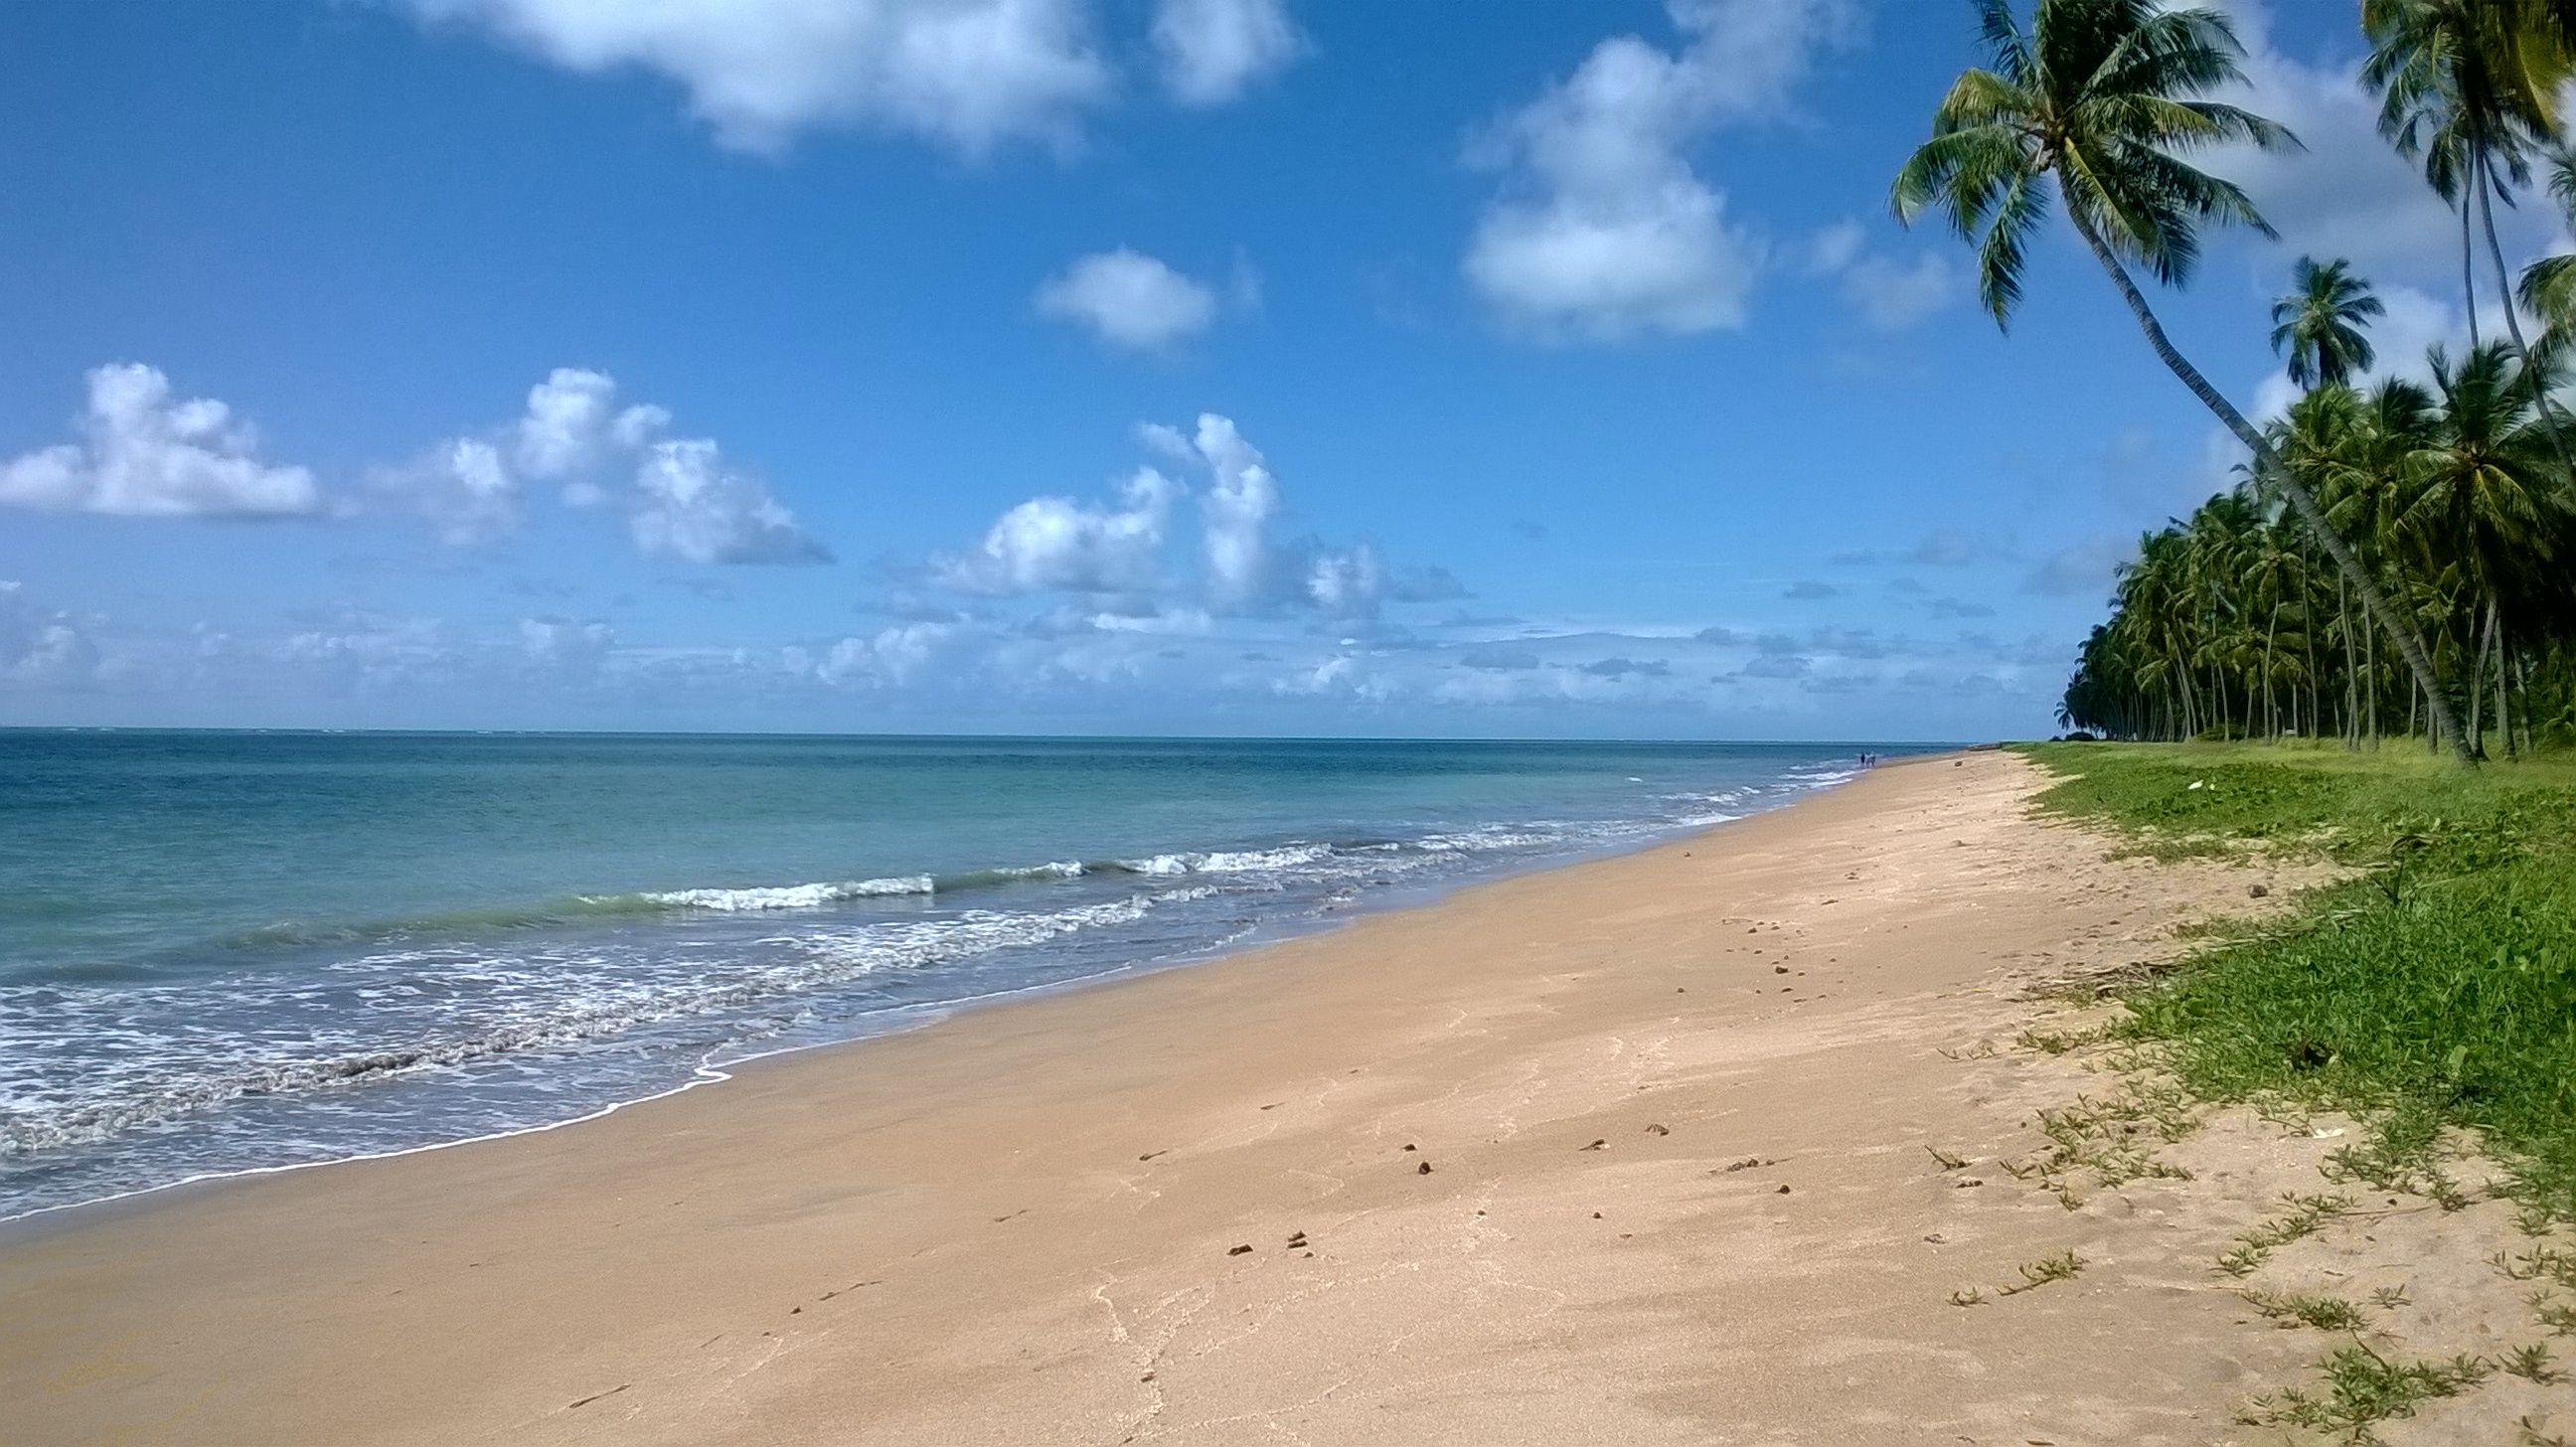 Belezas naturais Alagoas